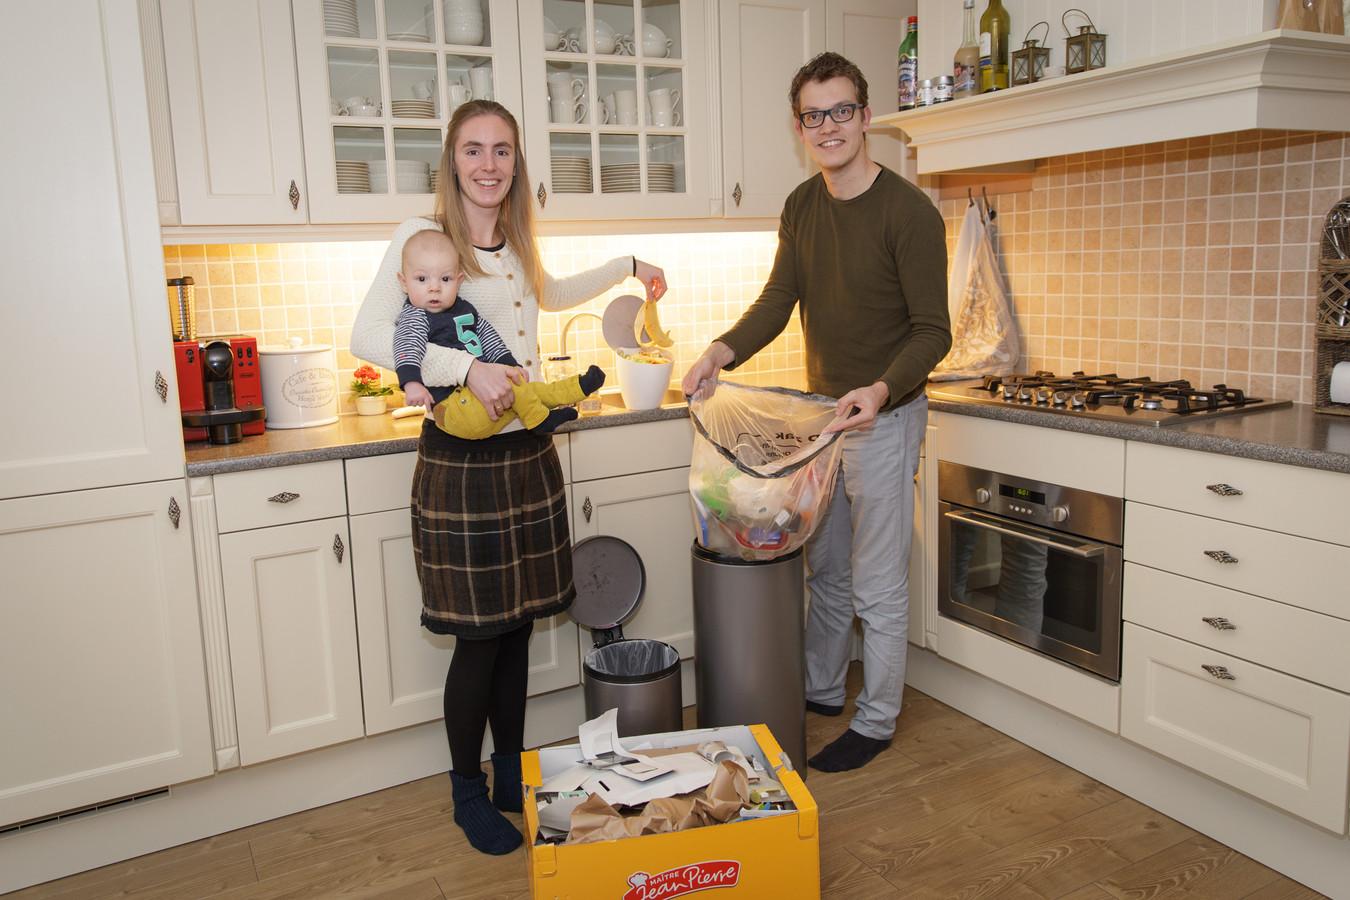 Arjen en Emmelie Quist uit Scherpenisse laten zien dat het ook anders kan, en scheiden hun afval.